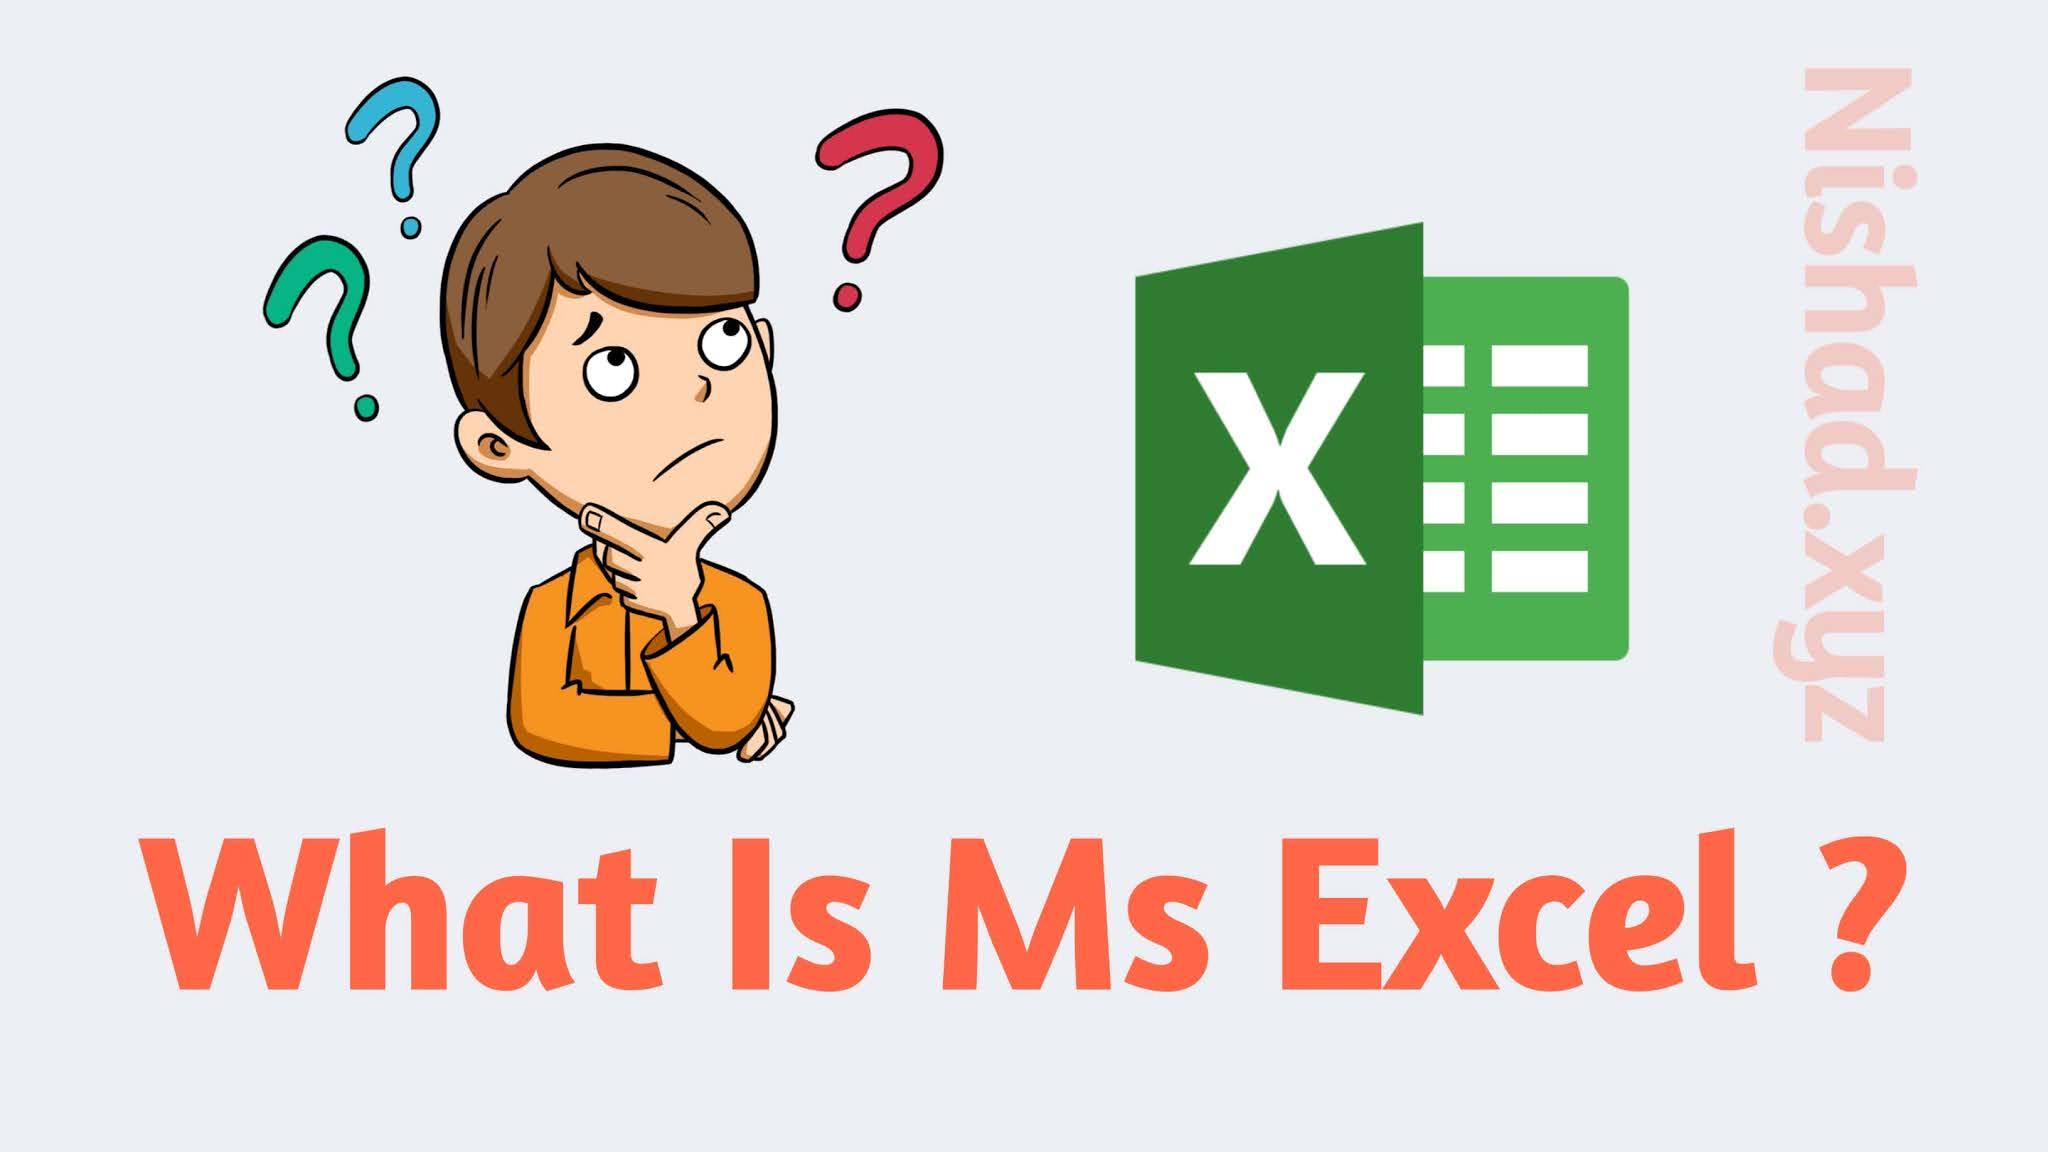 Ms Excel kya hota hai ?